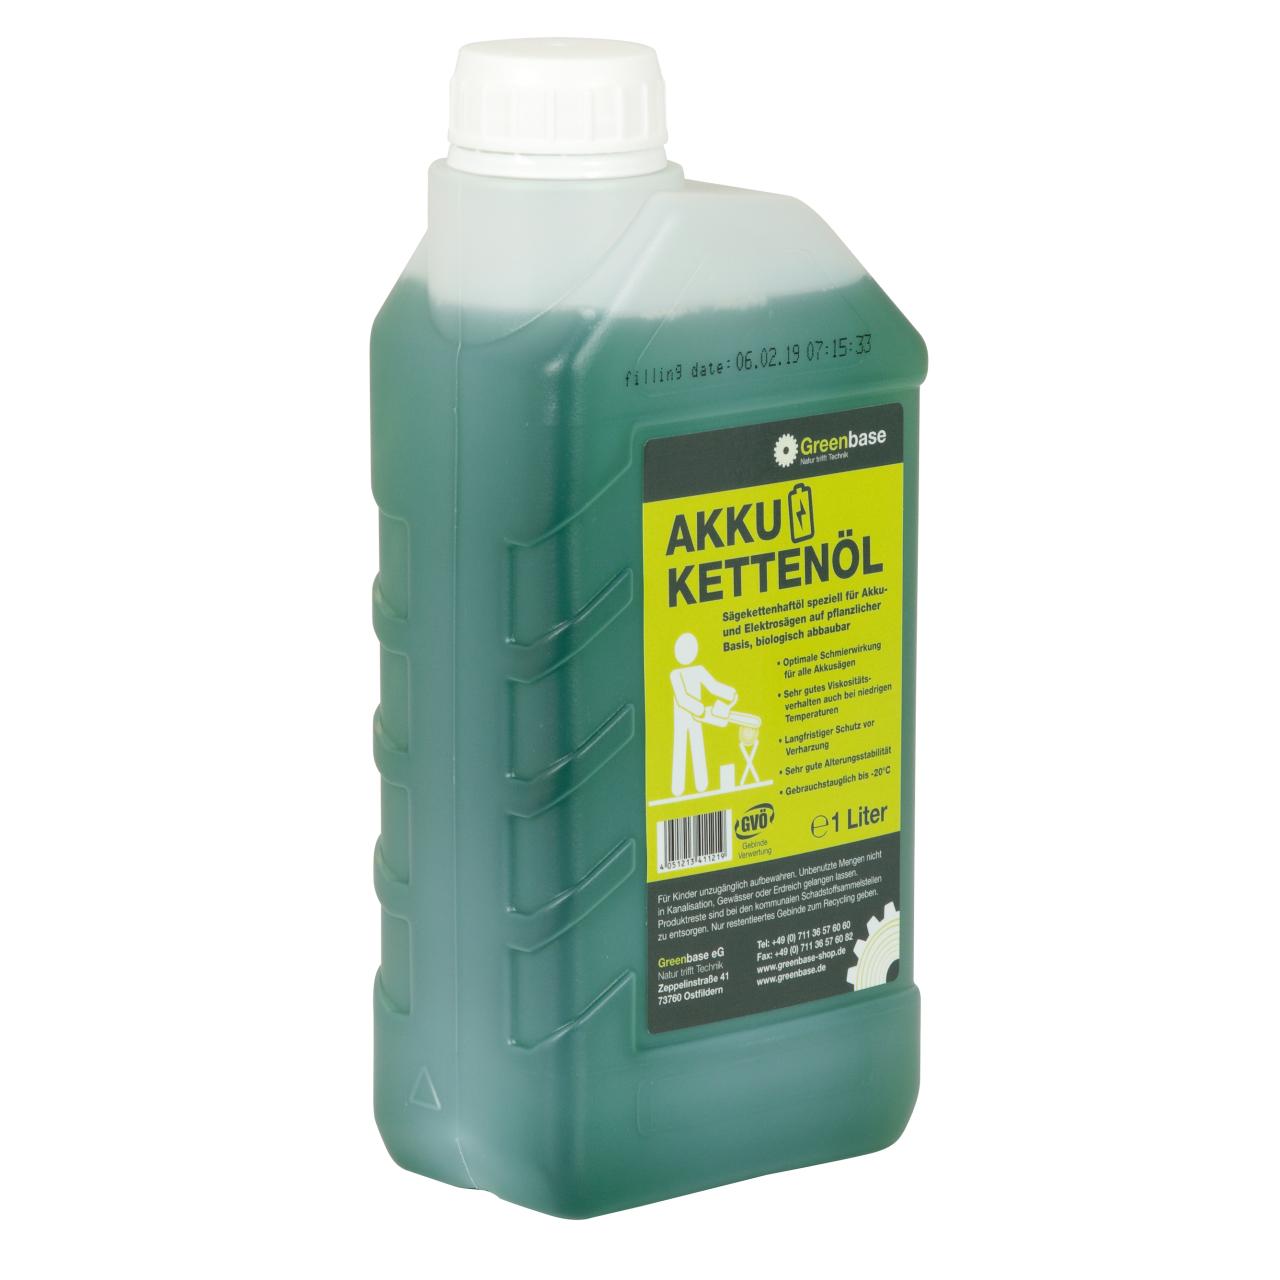 Akku-Kettenöl 1 Liter